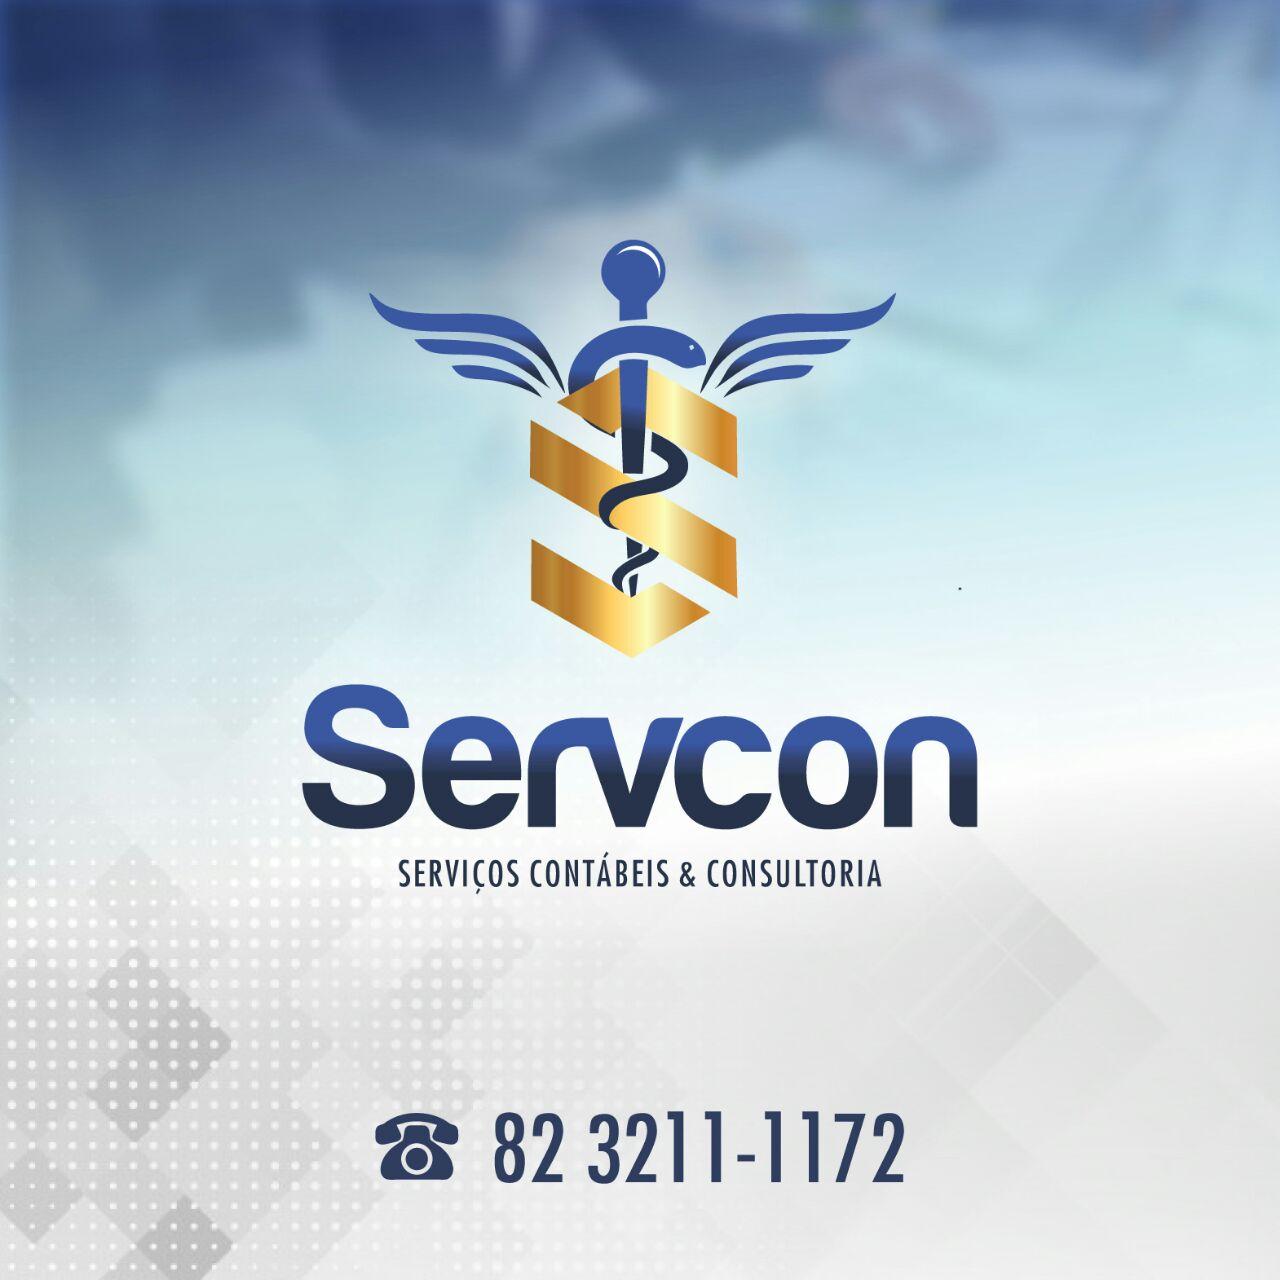 Servcon